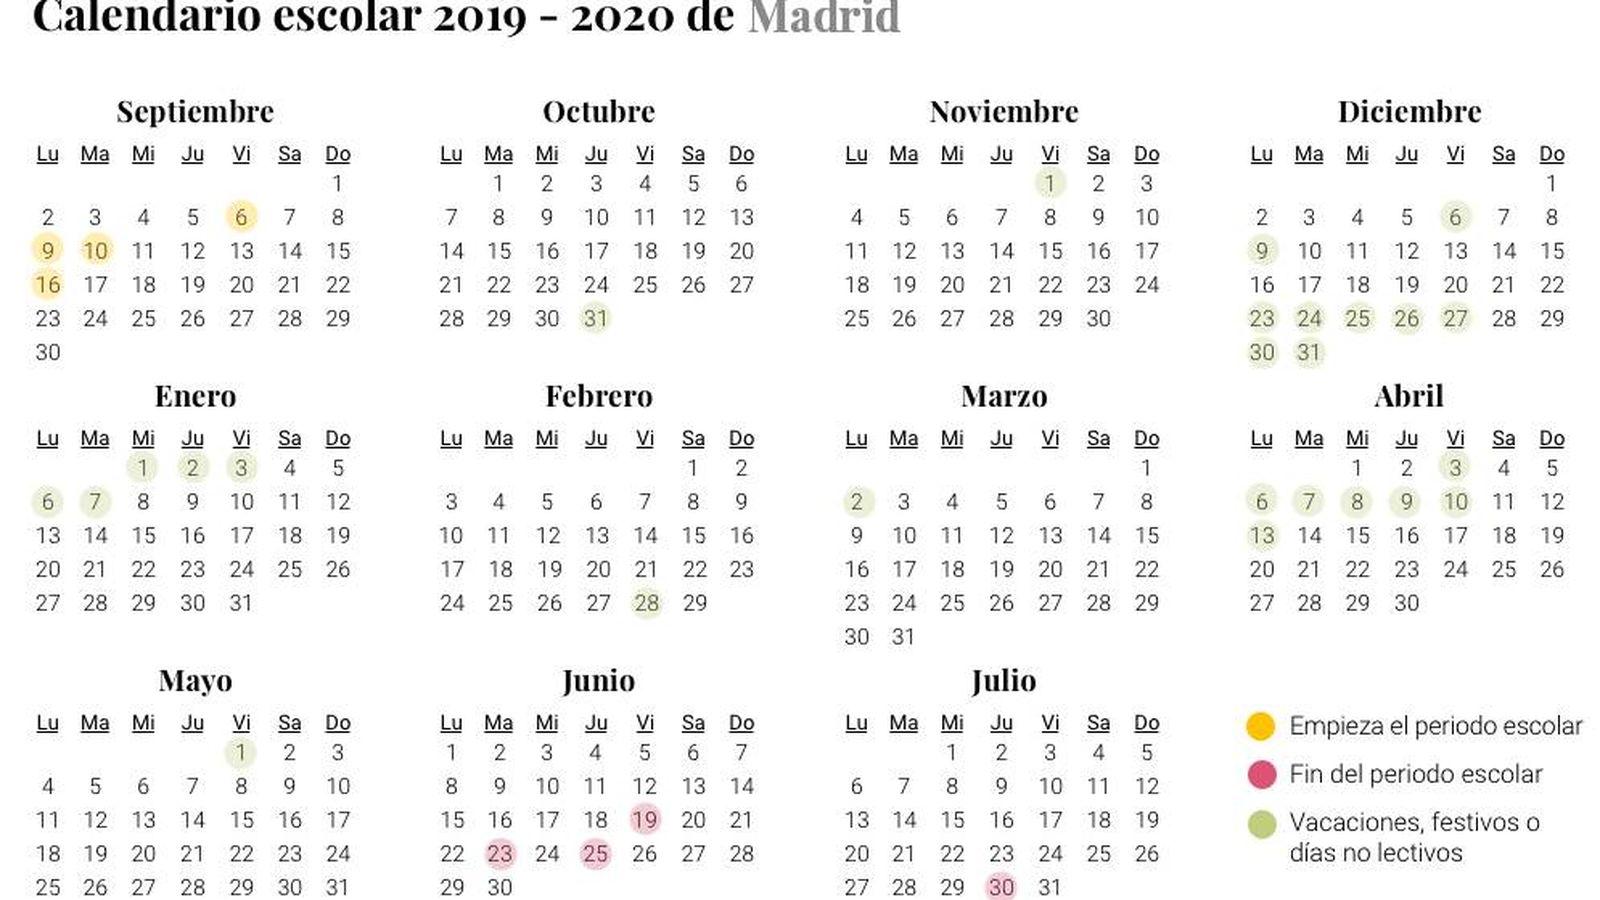 Calendario 2020 Marzo Abril.Calendario Escolar 2019 2020 Cuando Es La Vuelta Al Cole